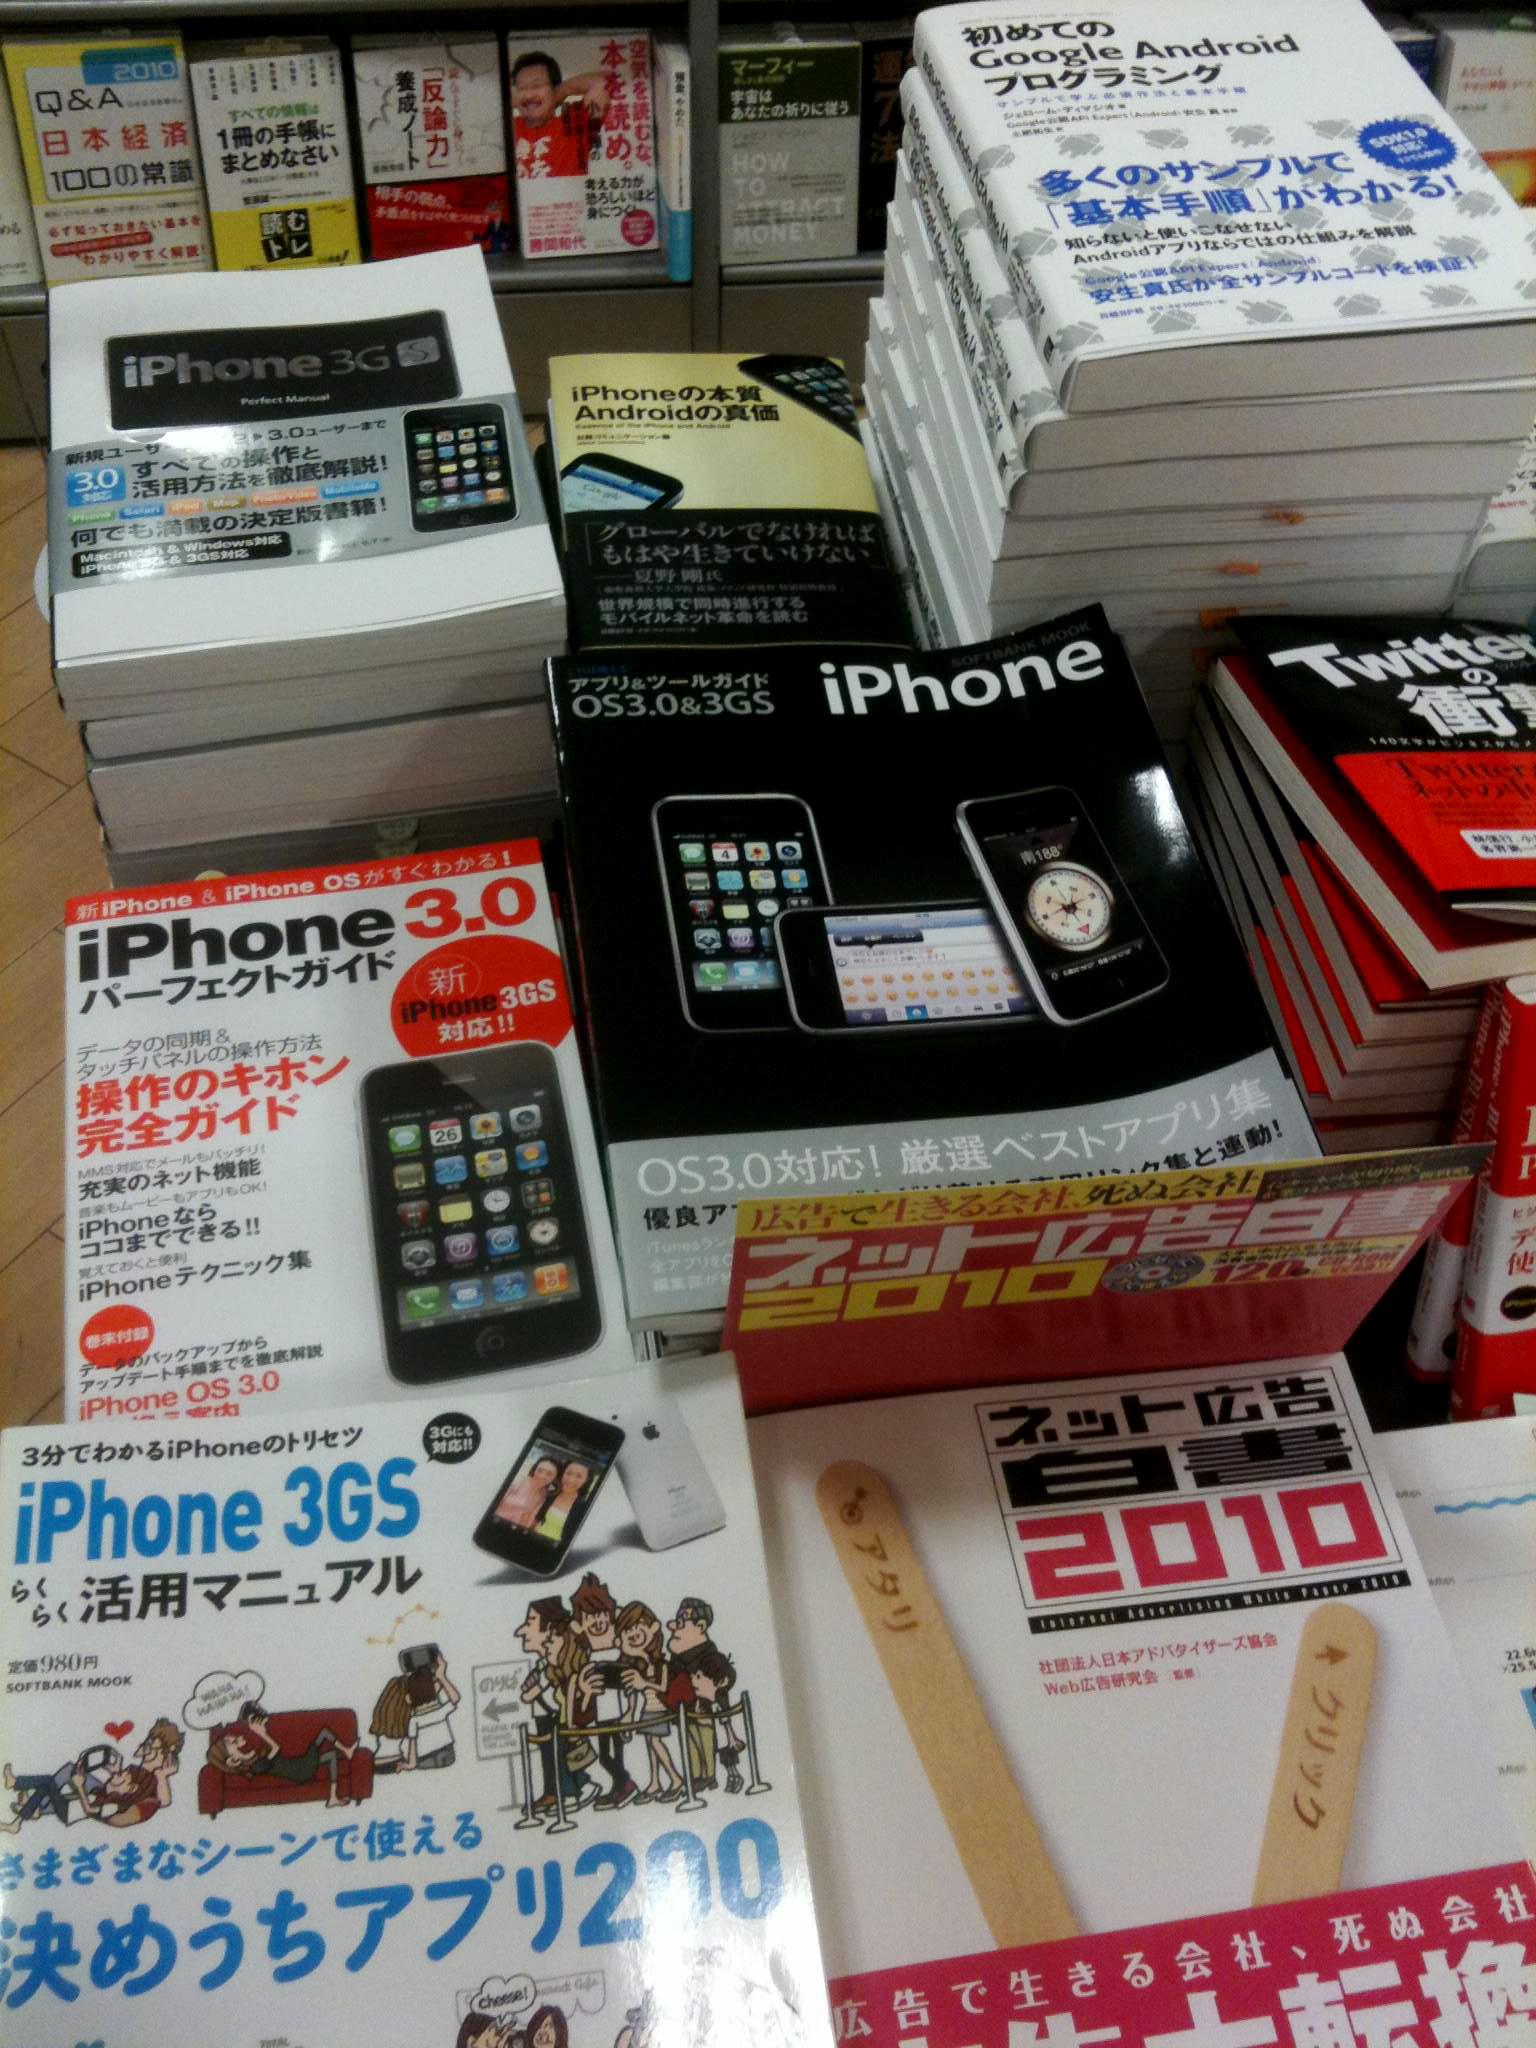 Mobile Photo Nov 10, 2009 4 06 57 AM